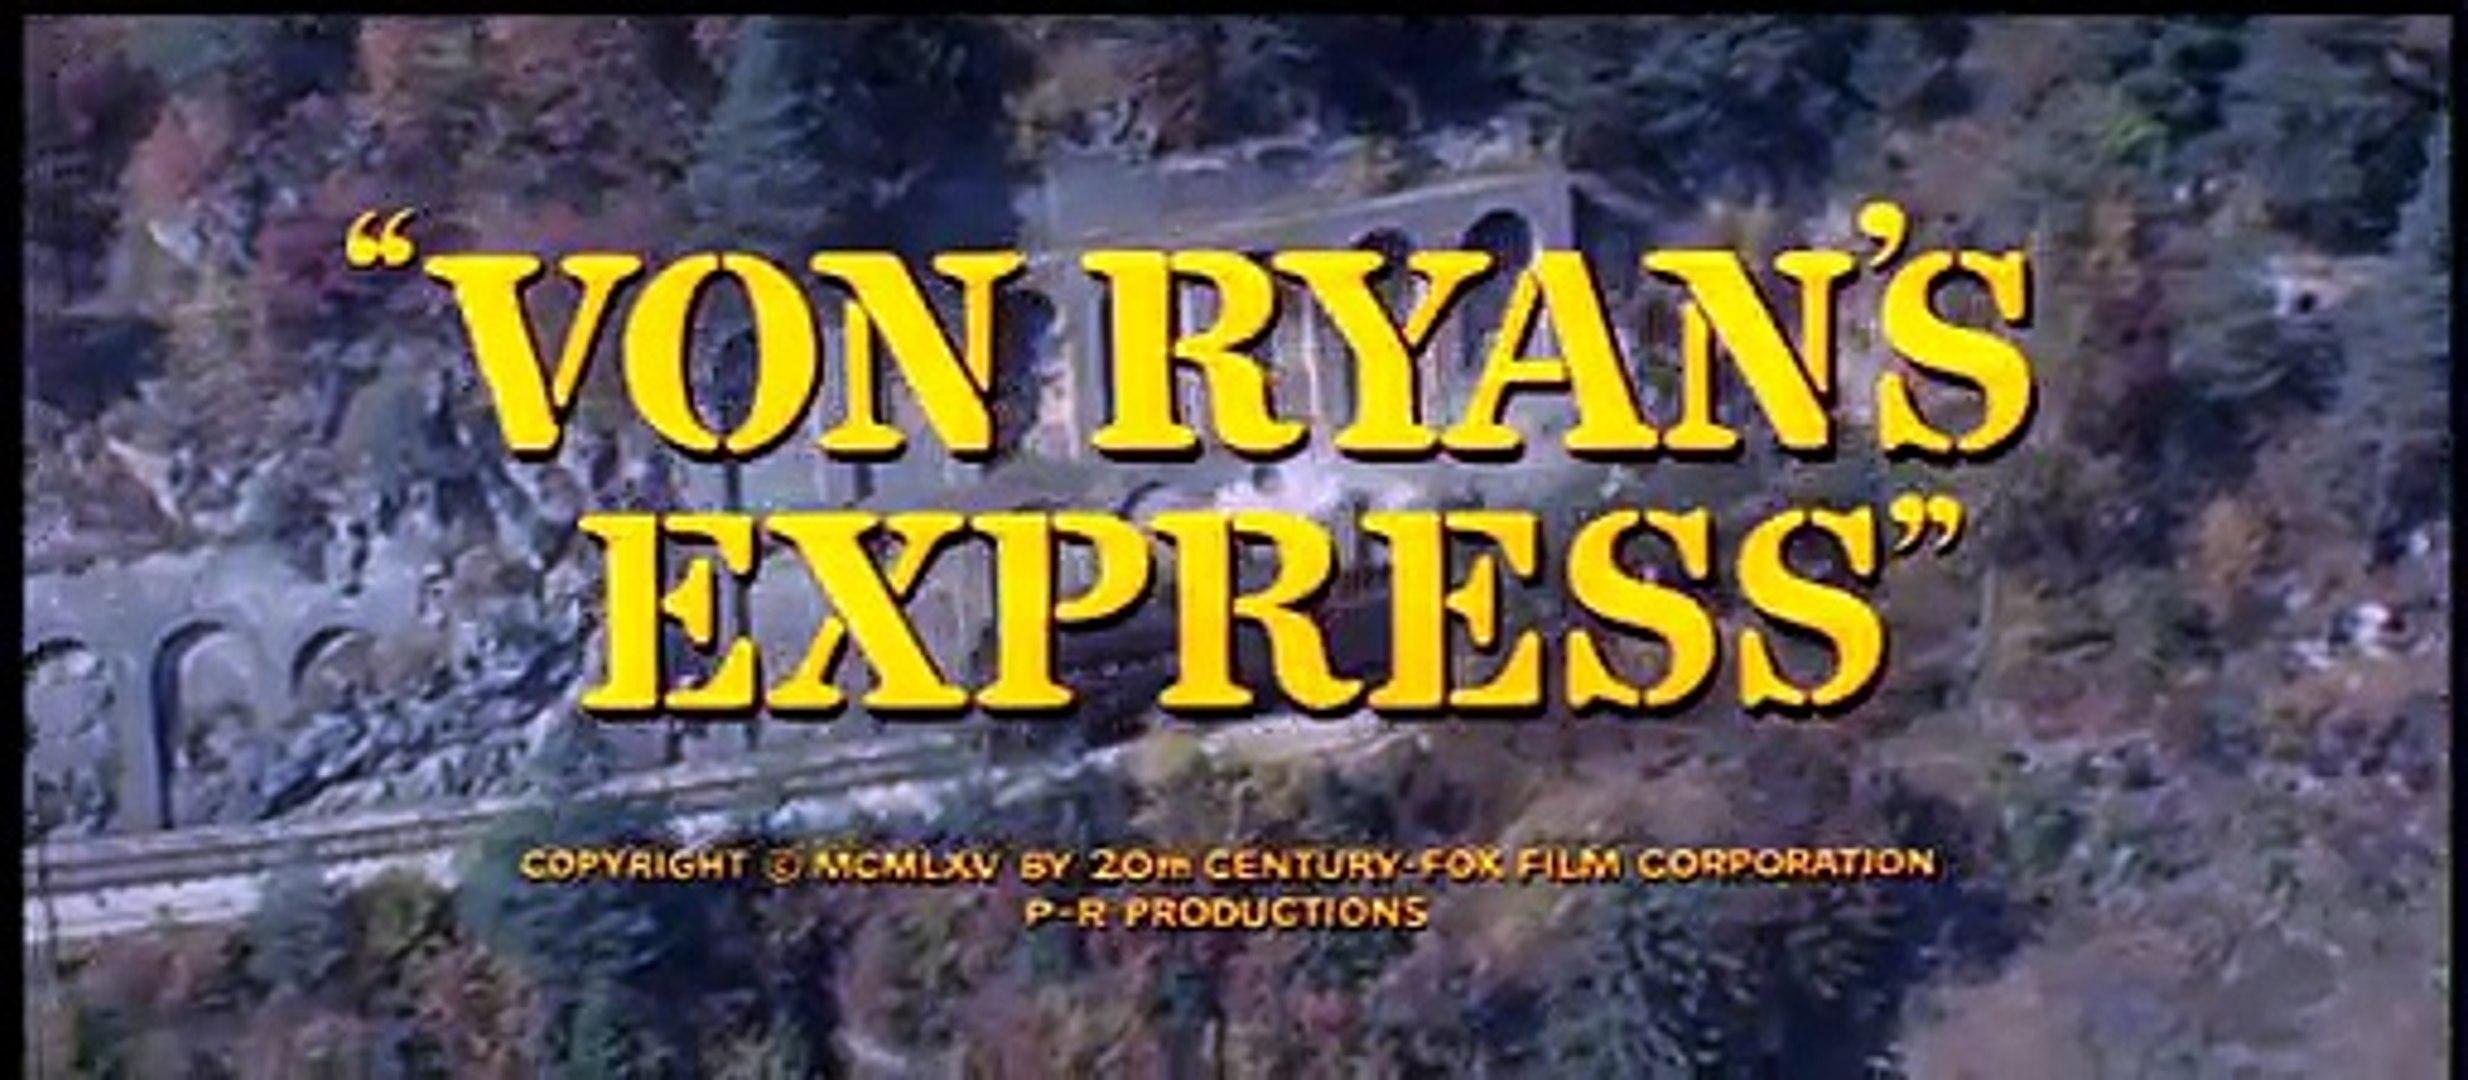 Von Ryan's Express - Trailer